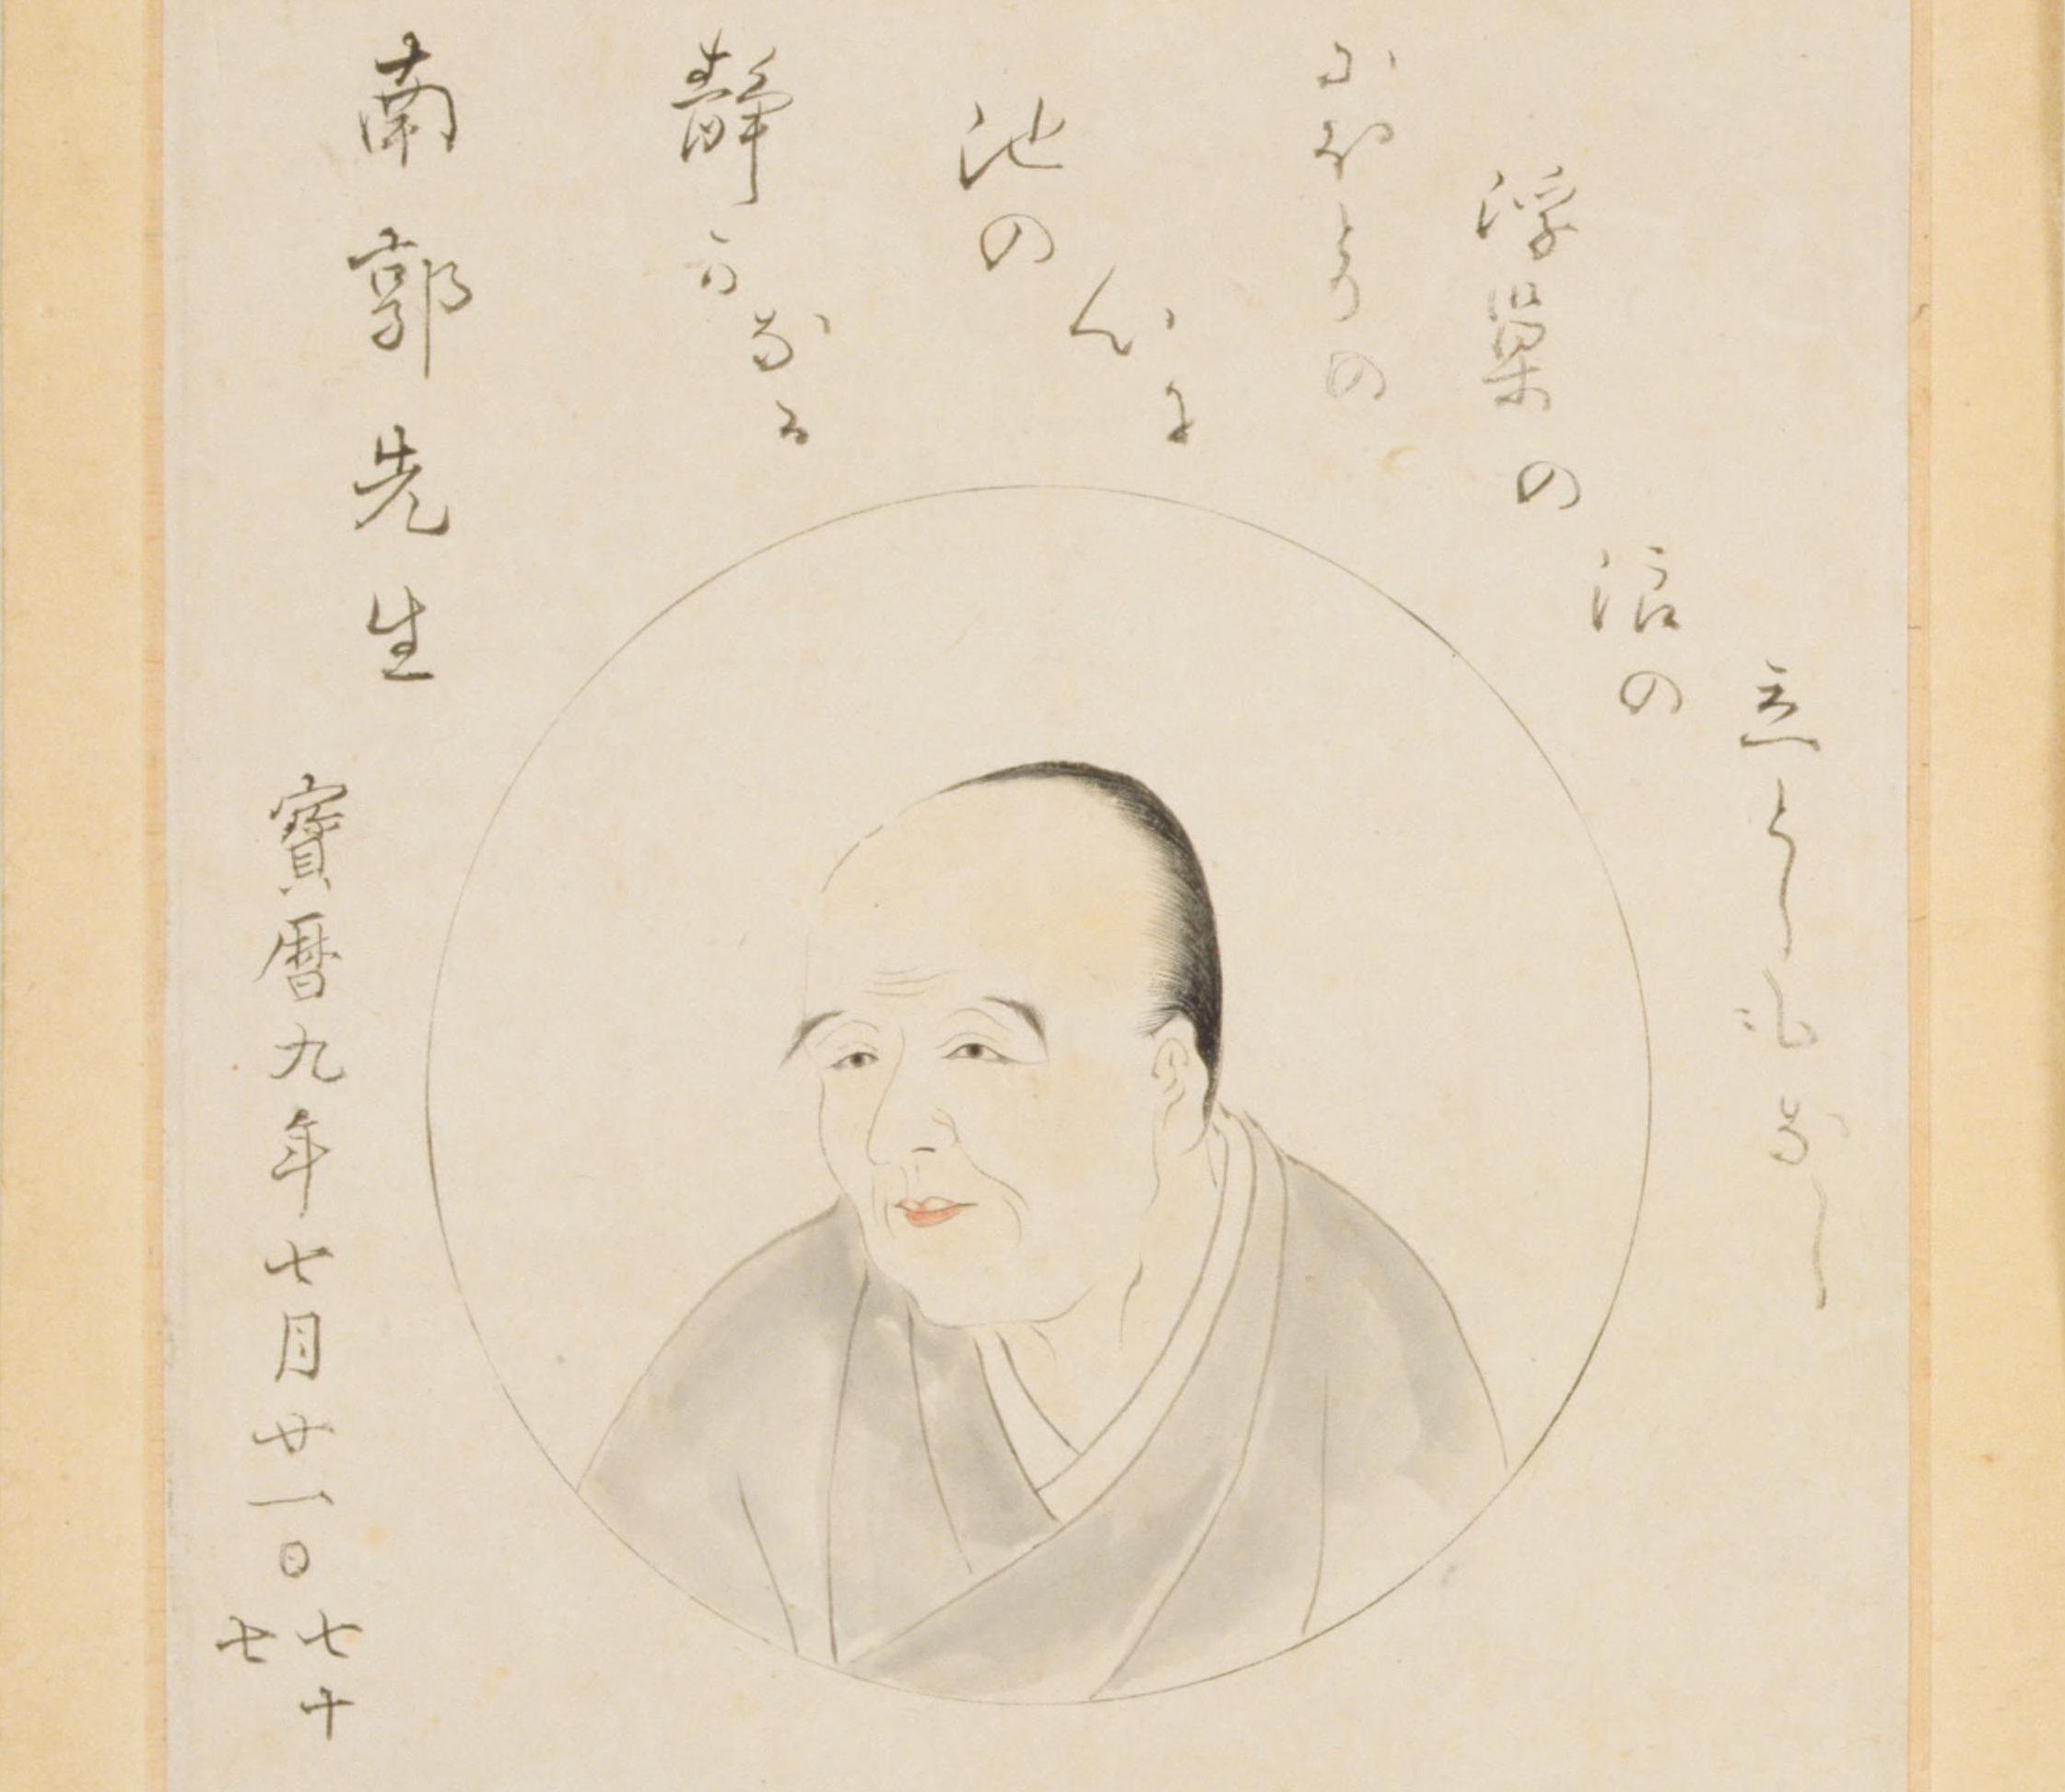 服部南郭の肖像画(100%)トリミング